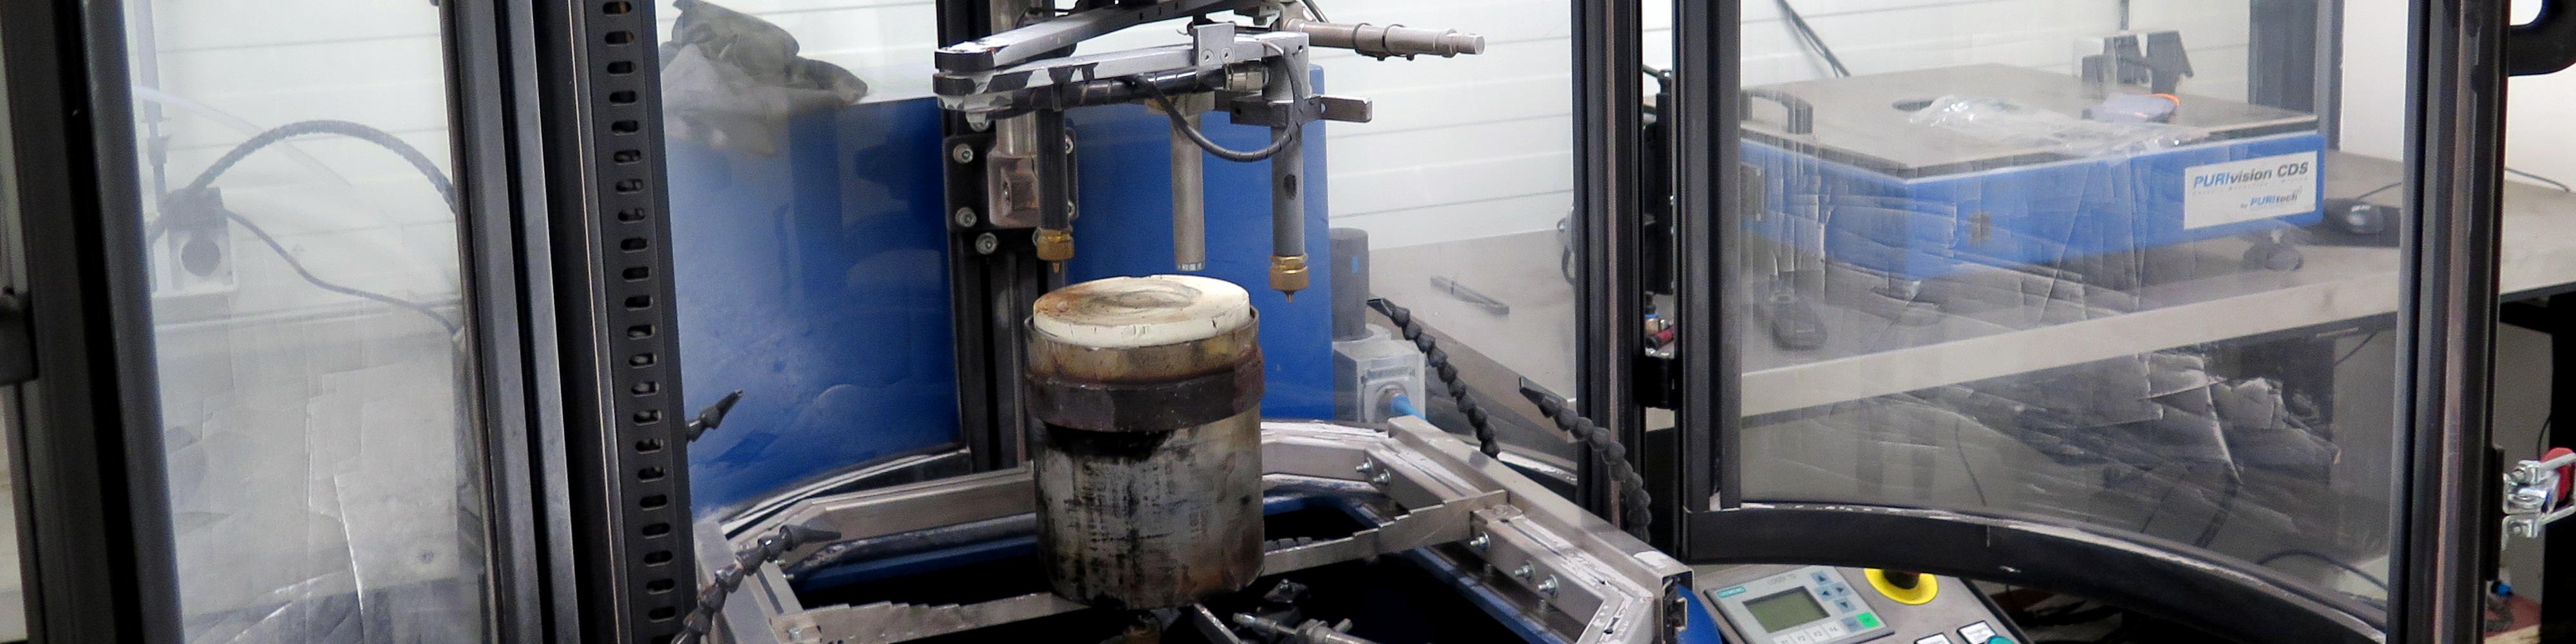 Roetfilter-reinigen-machine.jpg